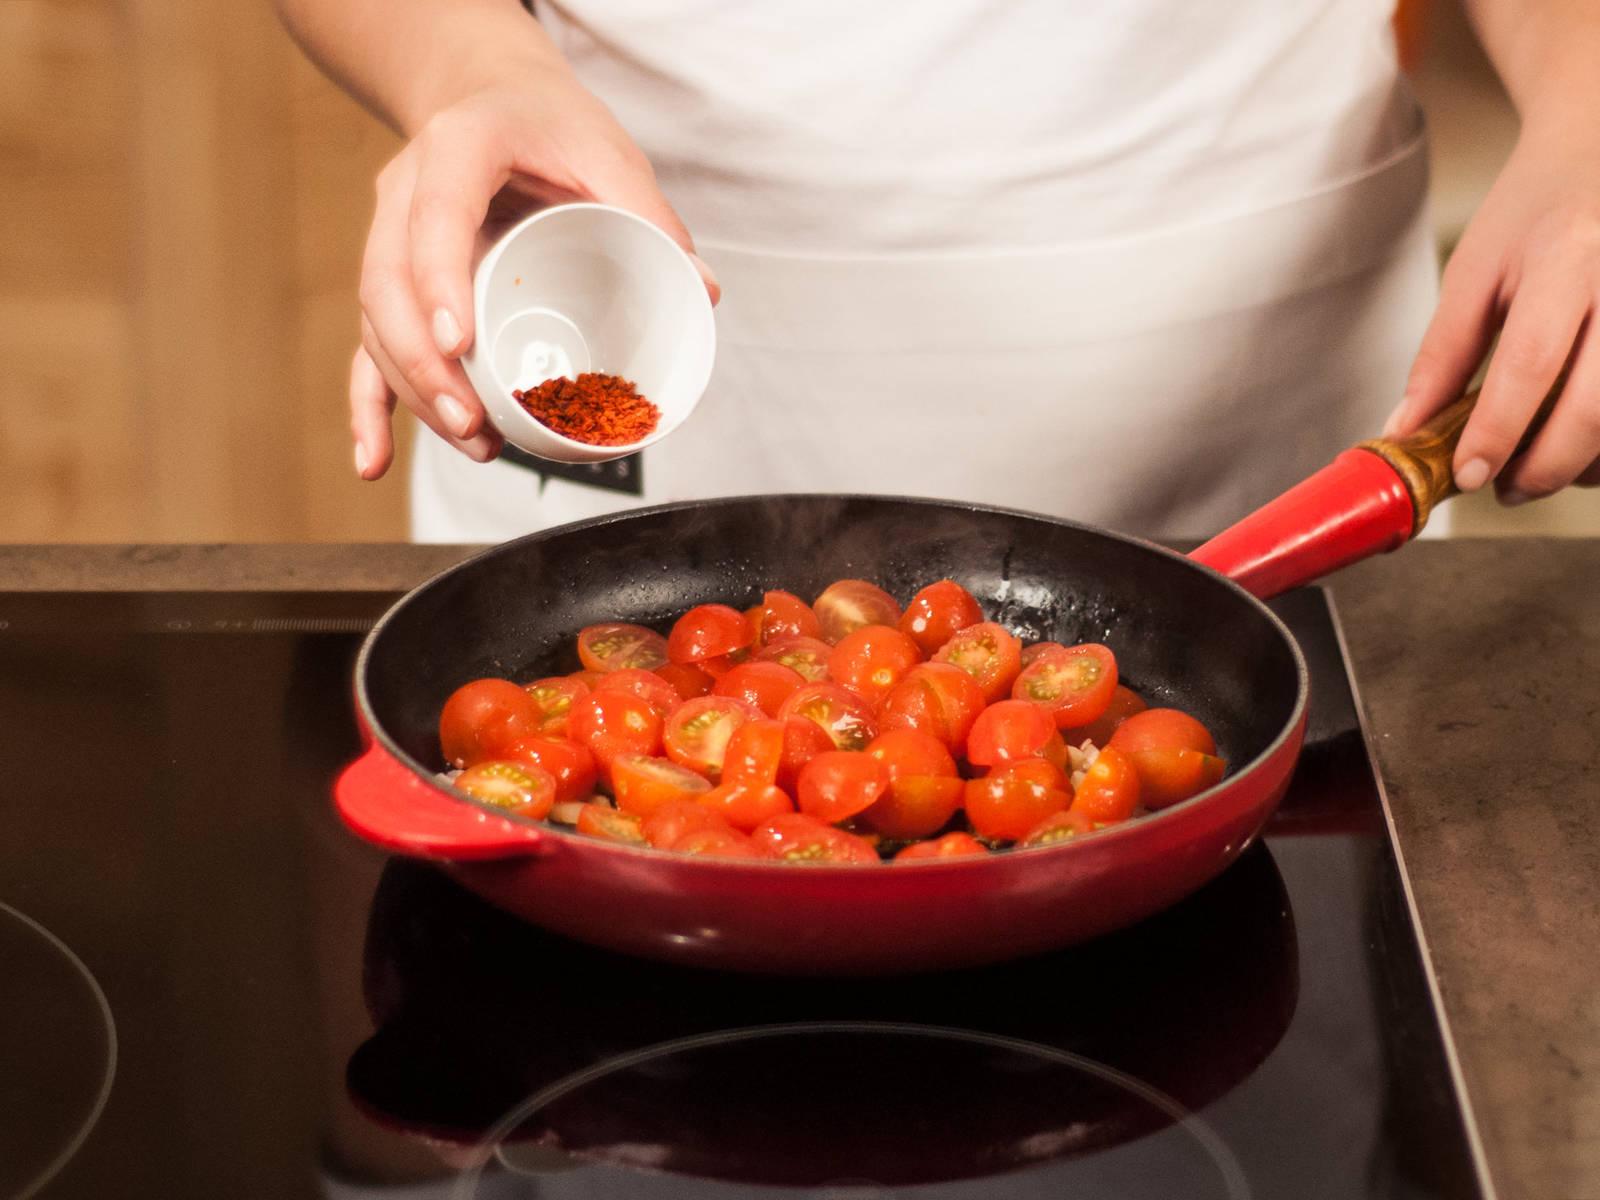 In einer Pfanne die Schalotten zusammen mit dem Knoblauch glasig anschwitzen. Tomaten und Zucker hinzugeben. Mit Salz, Pfeffer und Chilipulver abschmecken.